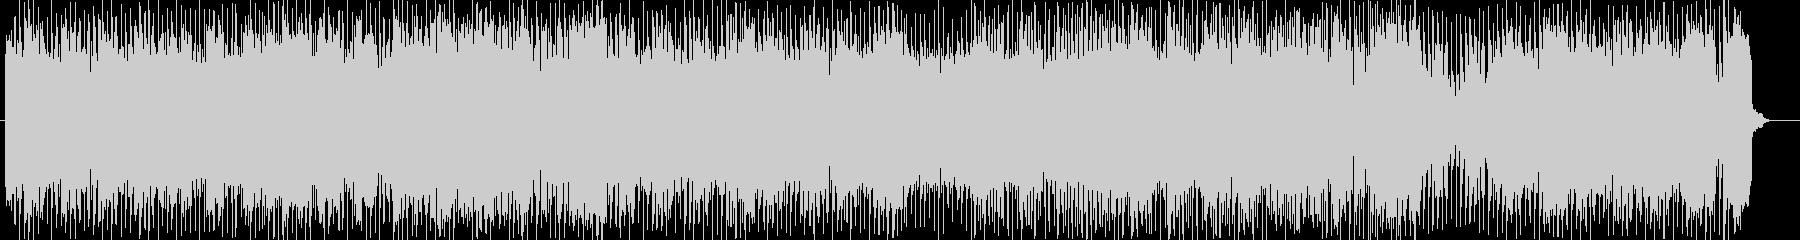 楽しげなLove Simulationの未再生の波形